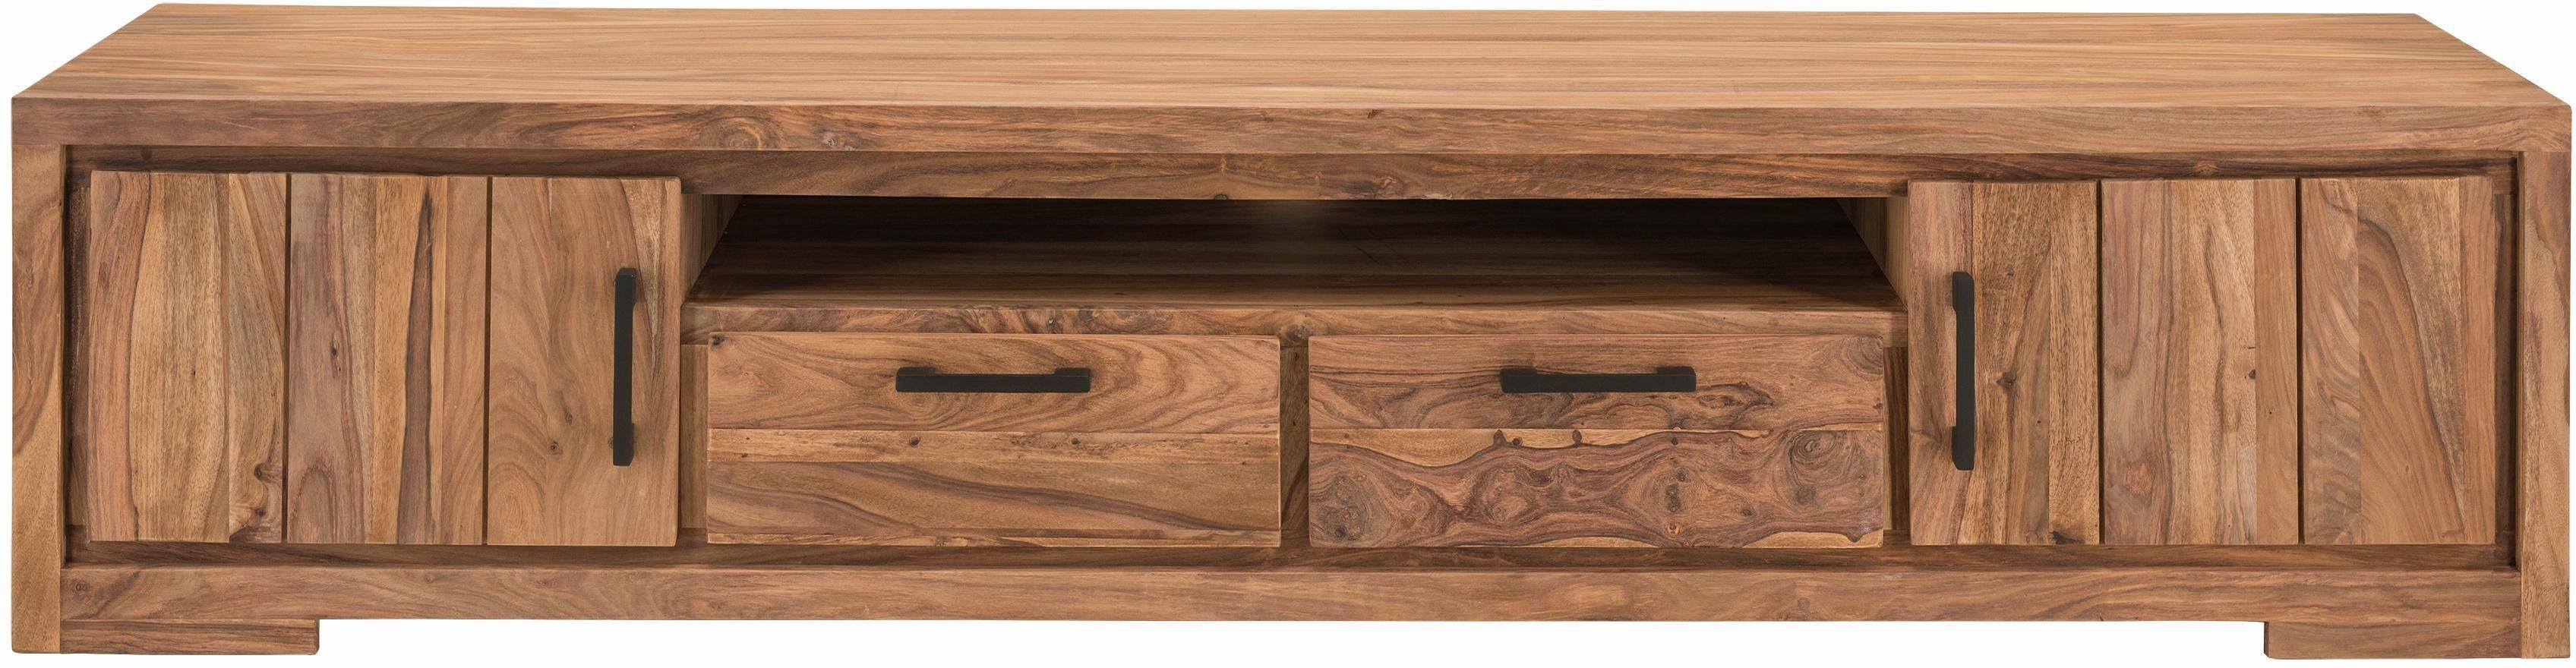 SIT Lowboard »Sanam« aus Sheesham Holz mit schöner Struktur, Breite 205 cm